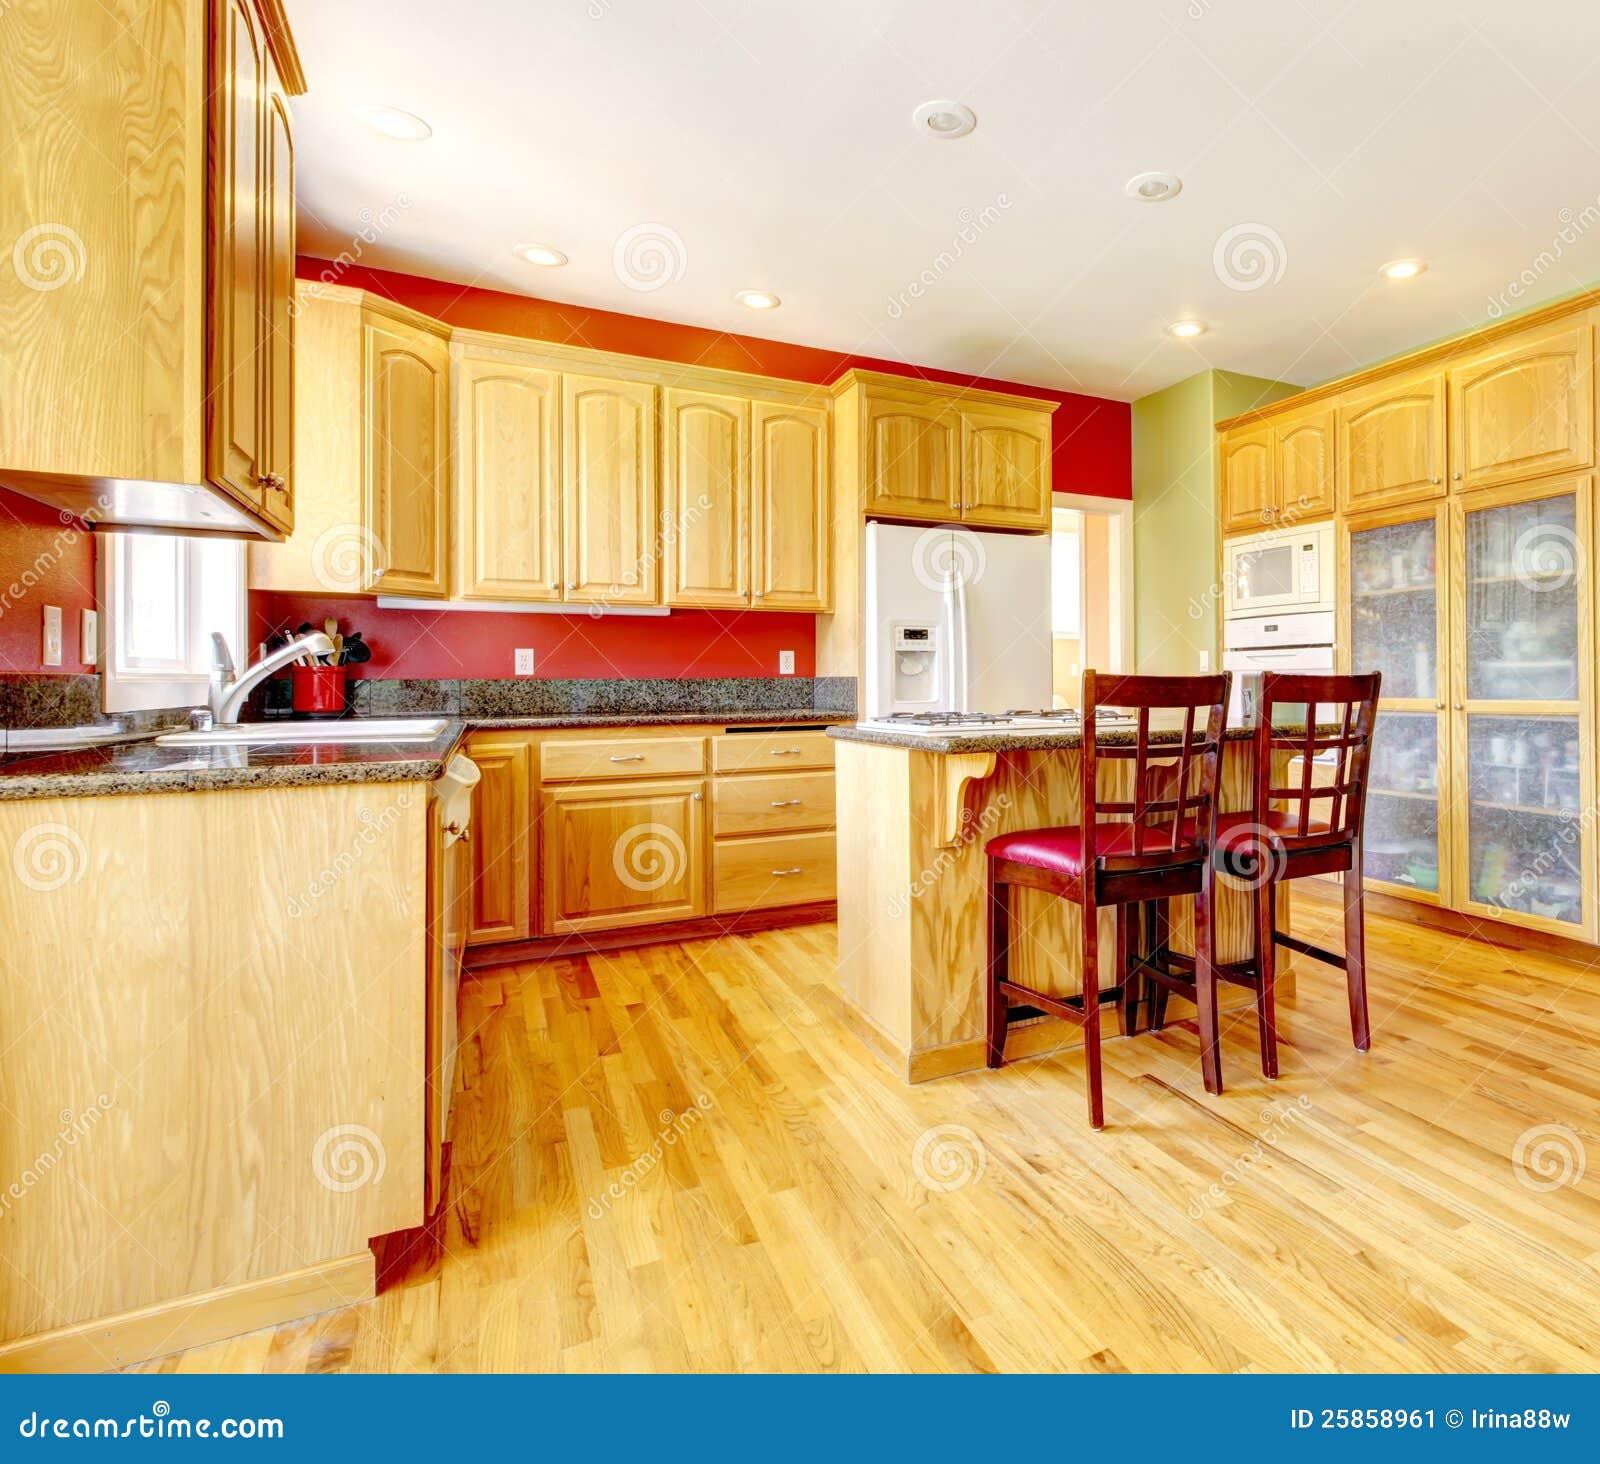 Cucina gialla con l 39 isola e legno giallo immagine stock - Cucina con l isola ...